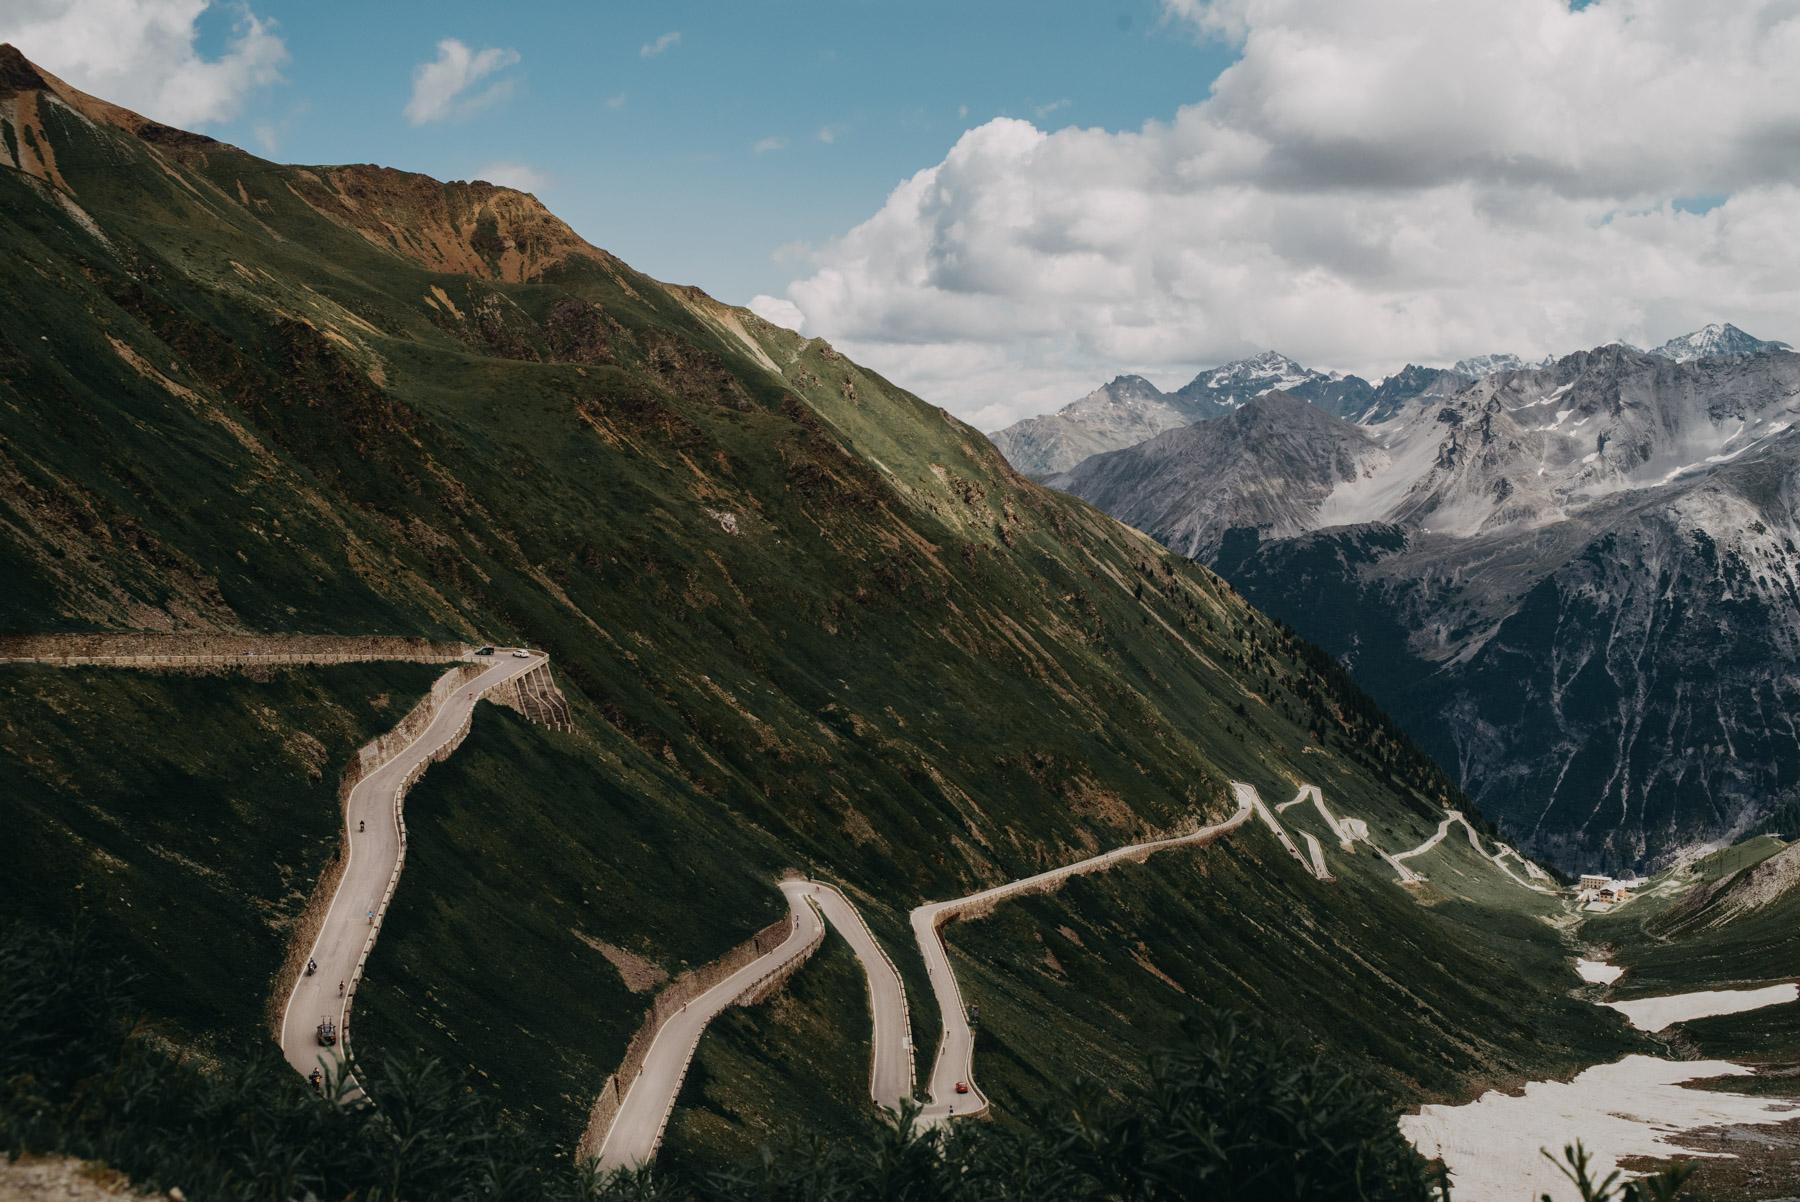 Stelvio pass road, la strada piena di tornanti del passo dello Stelvio